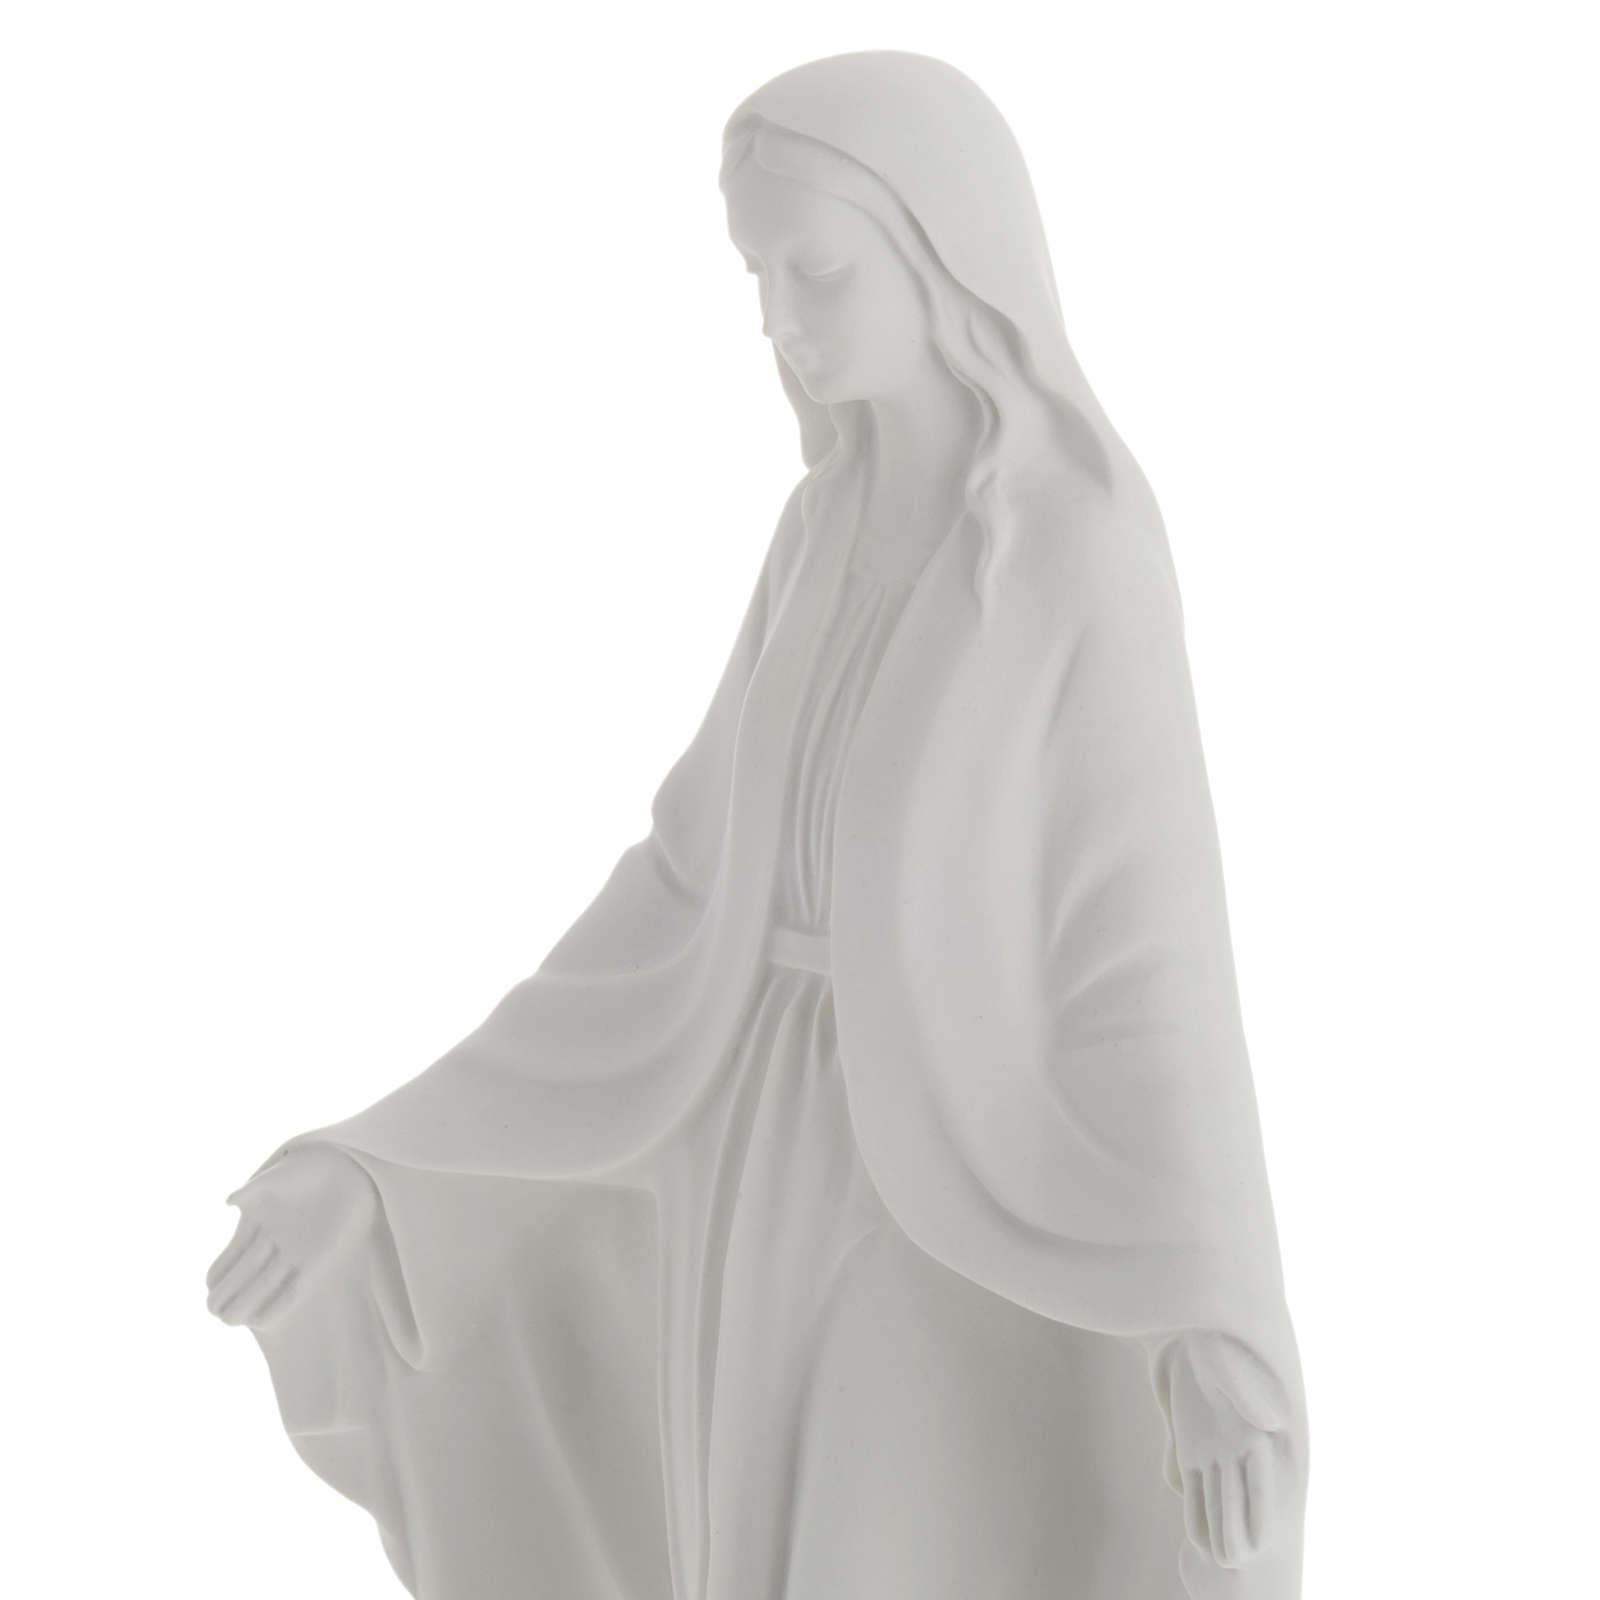 Figurka Niepokalana Maria Dziewica marmur syntetyczny biały 4